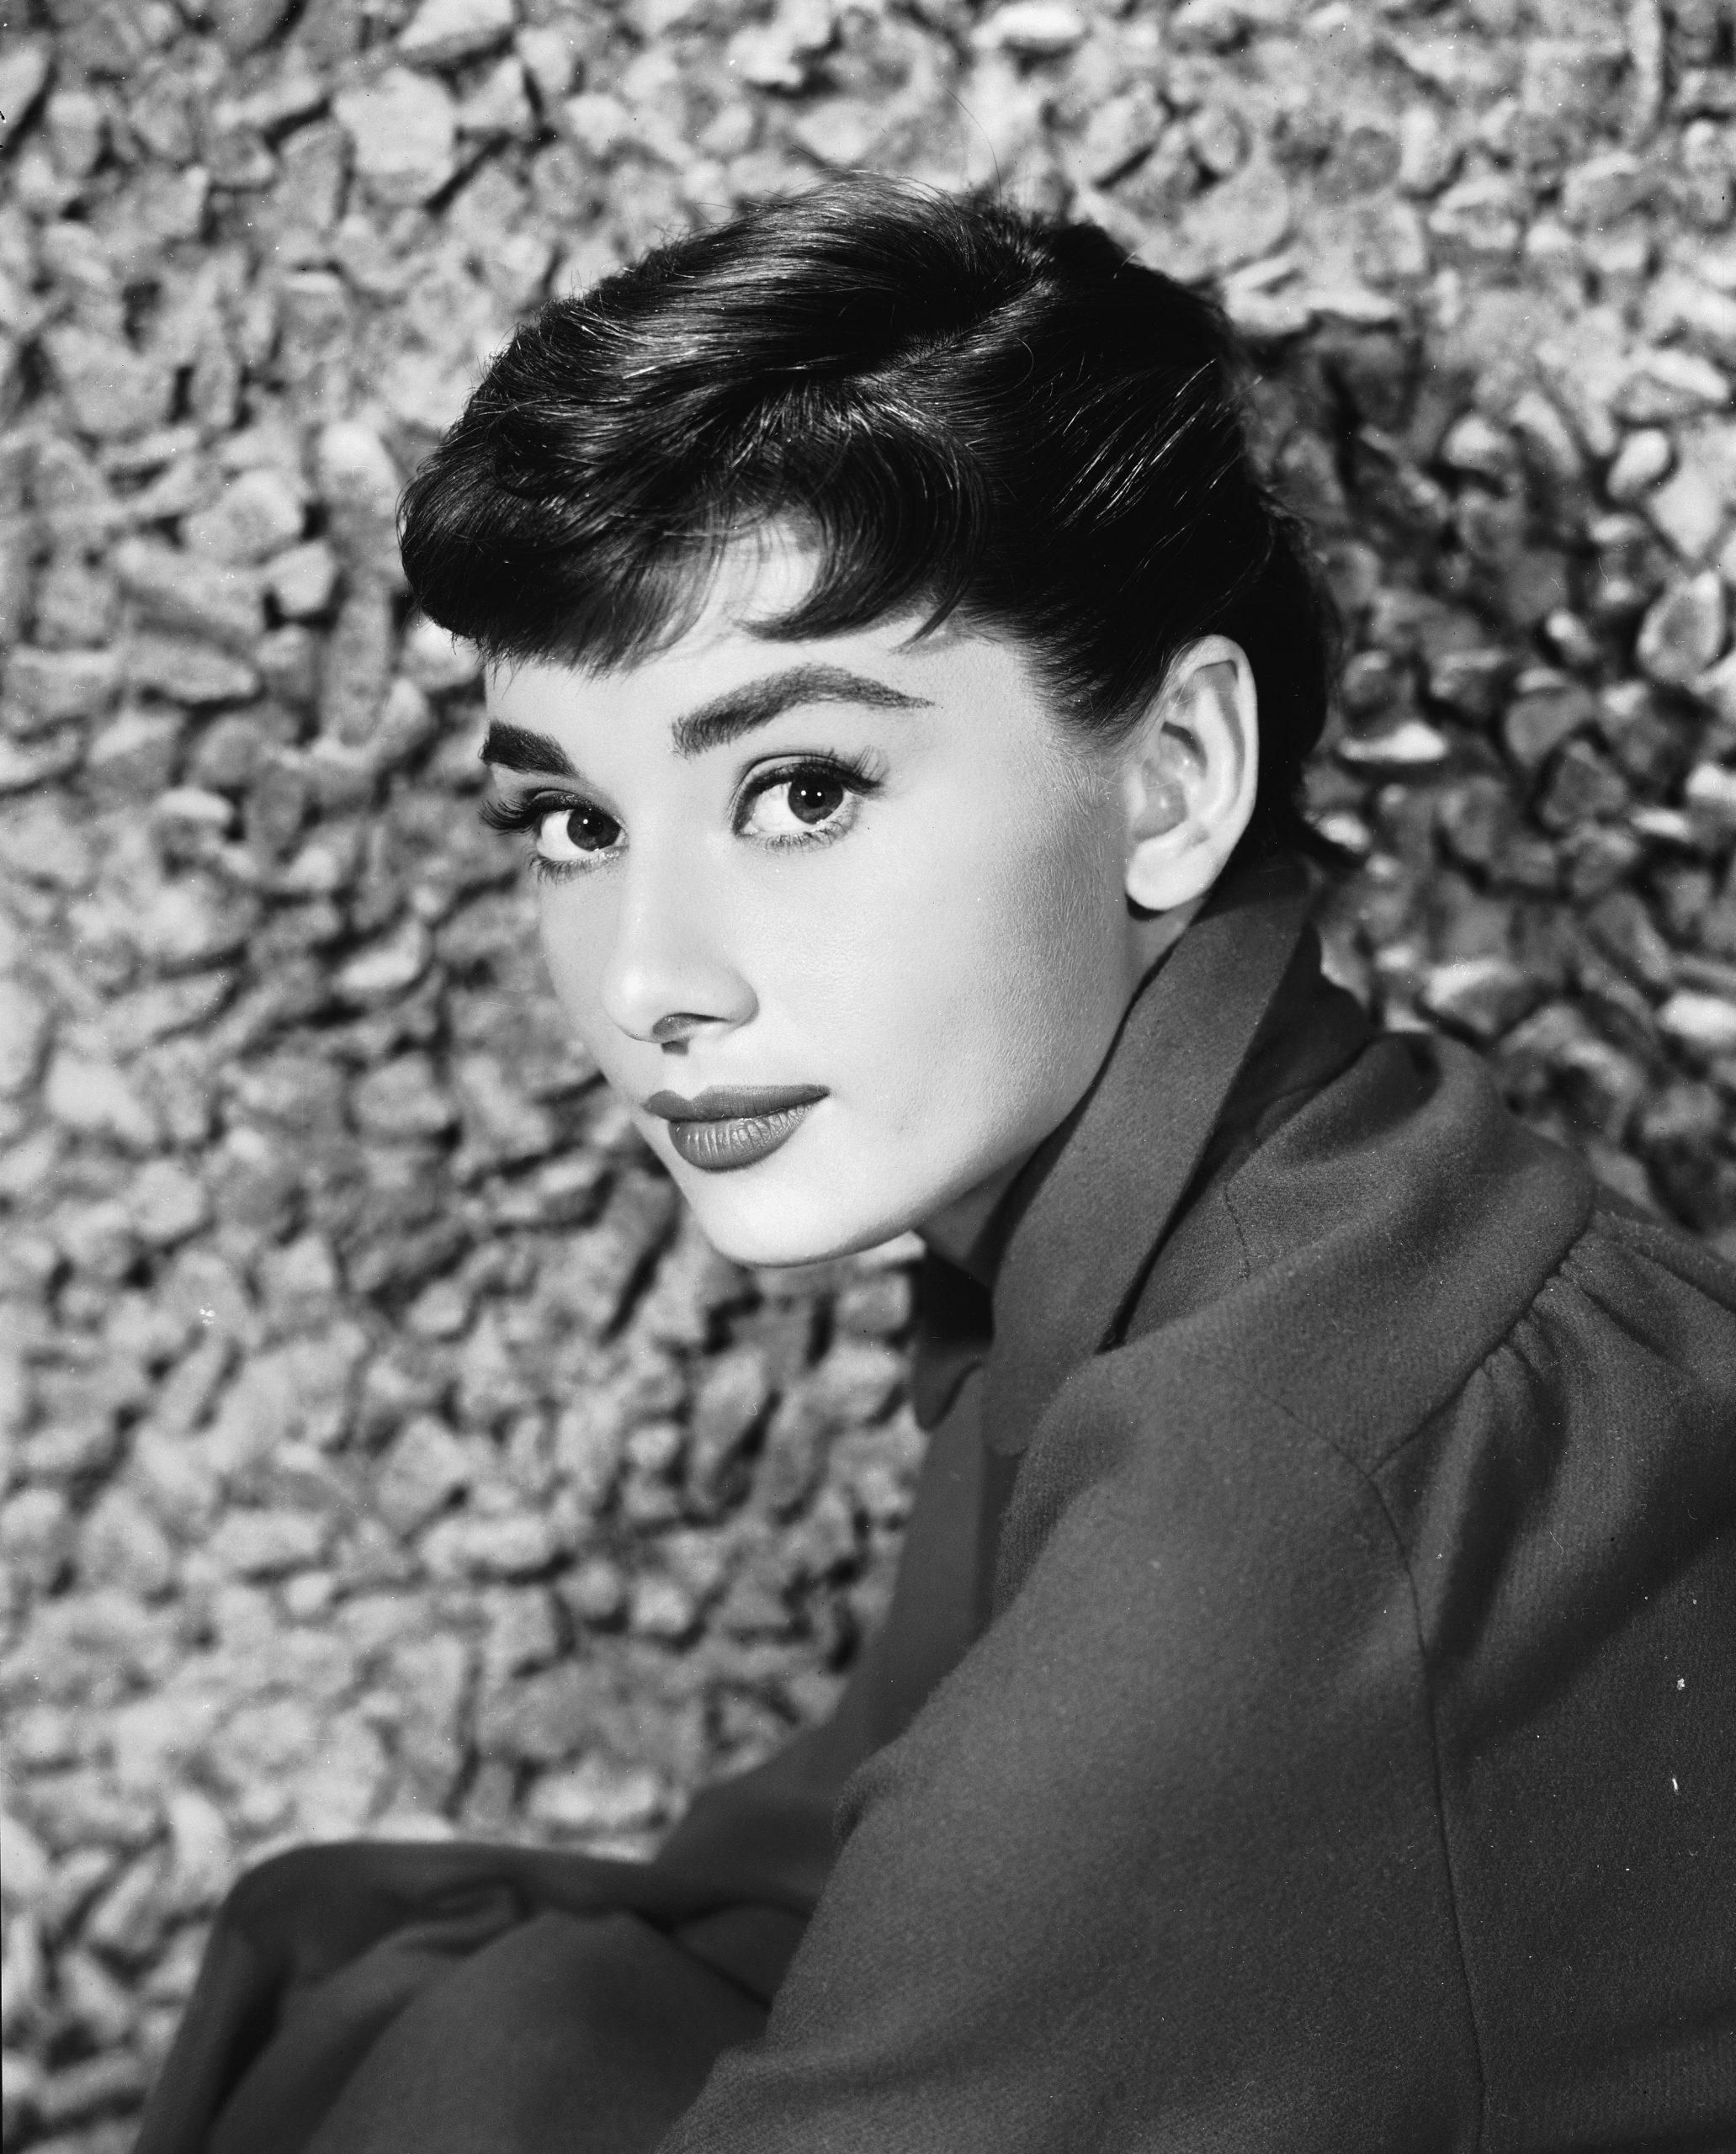 El estilo de Audrey Hepburn